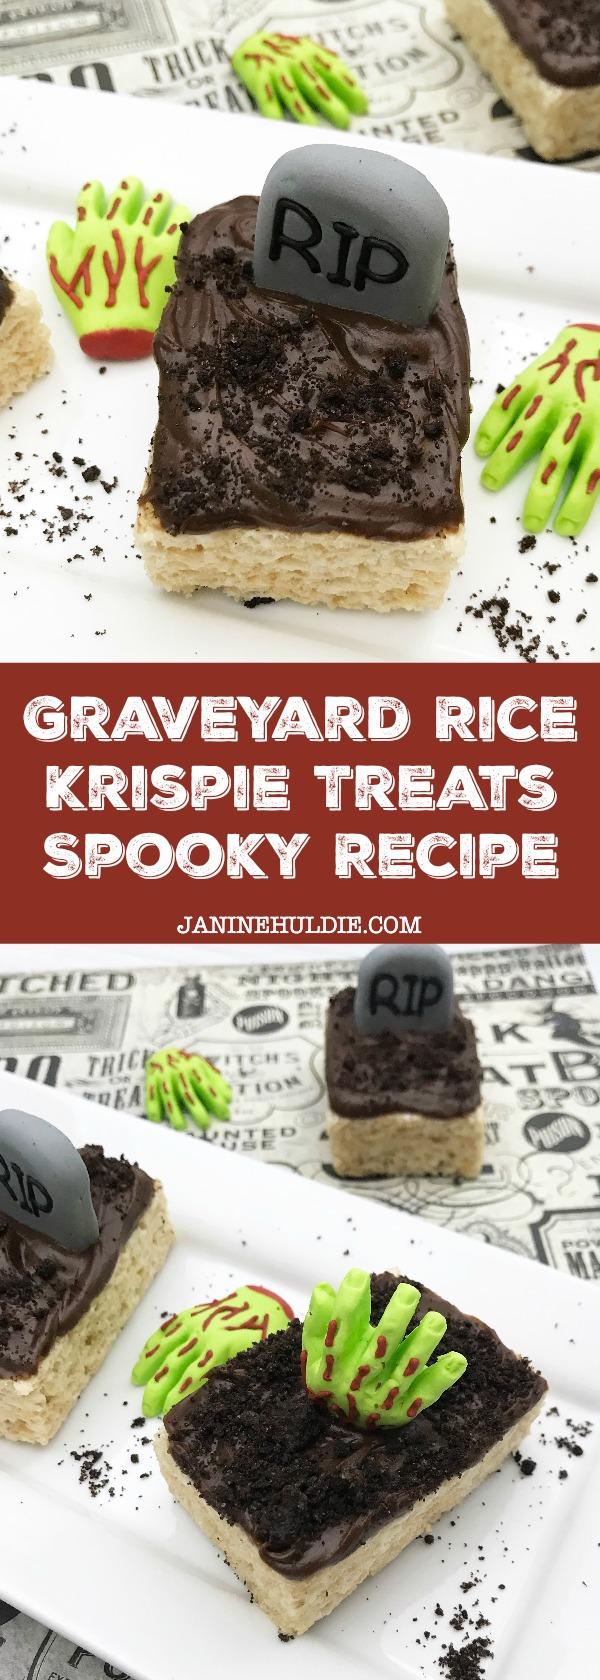 Graveyard Rice Krispie Treats Spooky Recipe